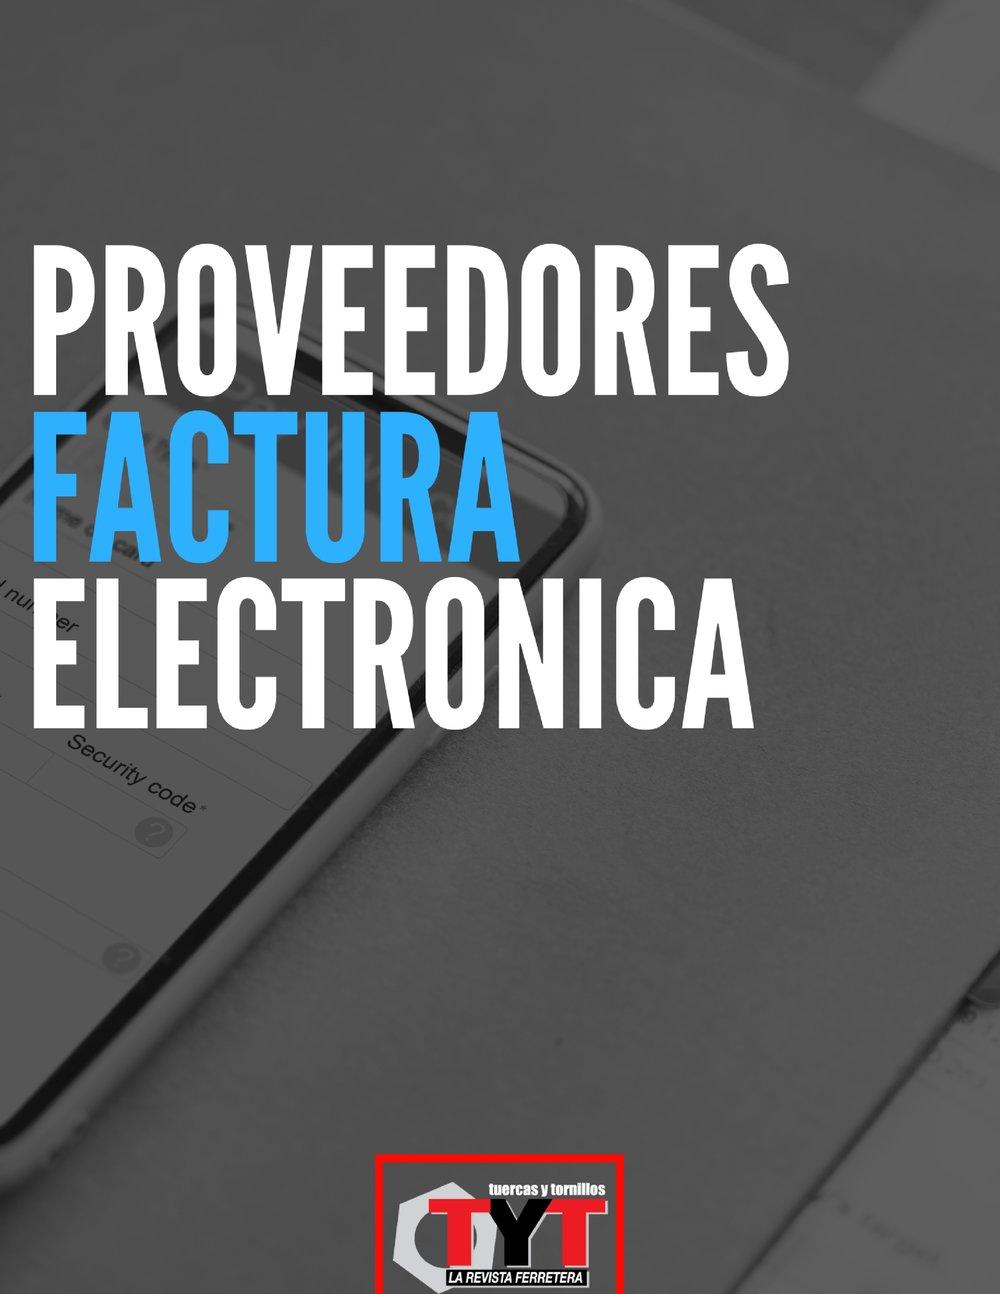 proveedoresfacturaelectronica.jpg